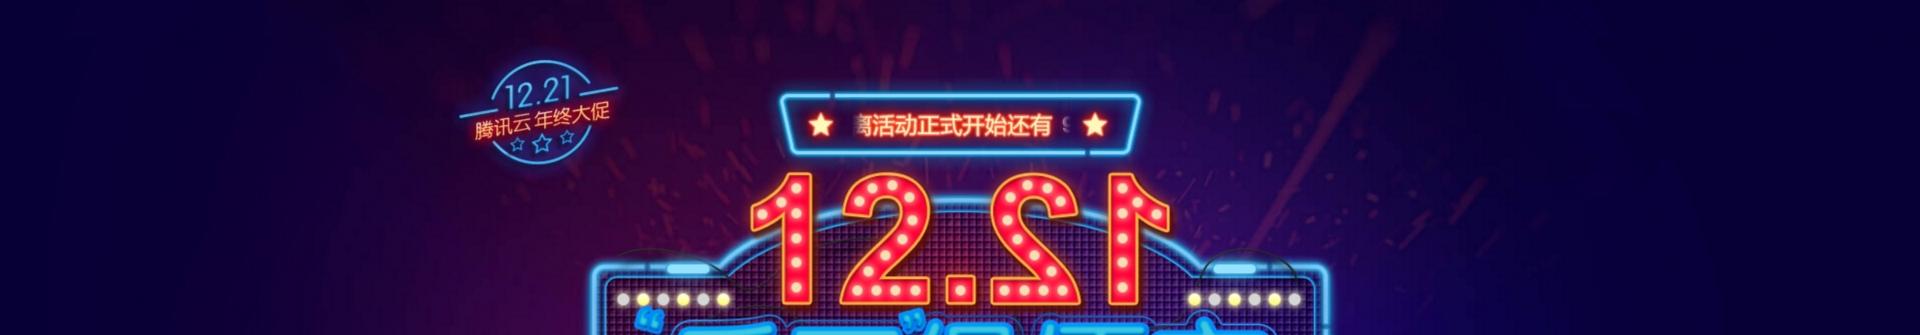 [腾讯云]1221,反正很便宜